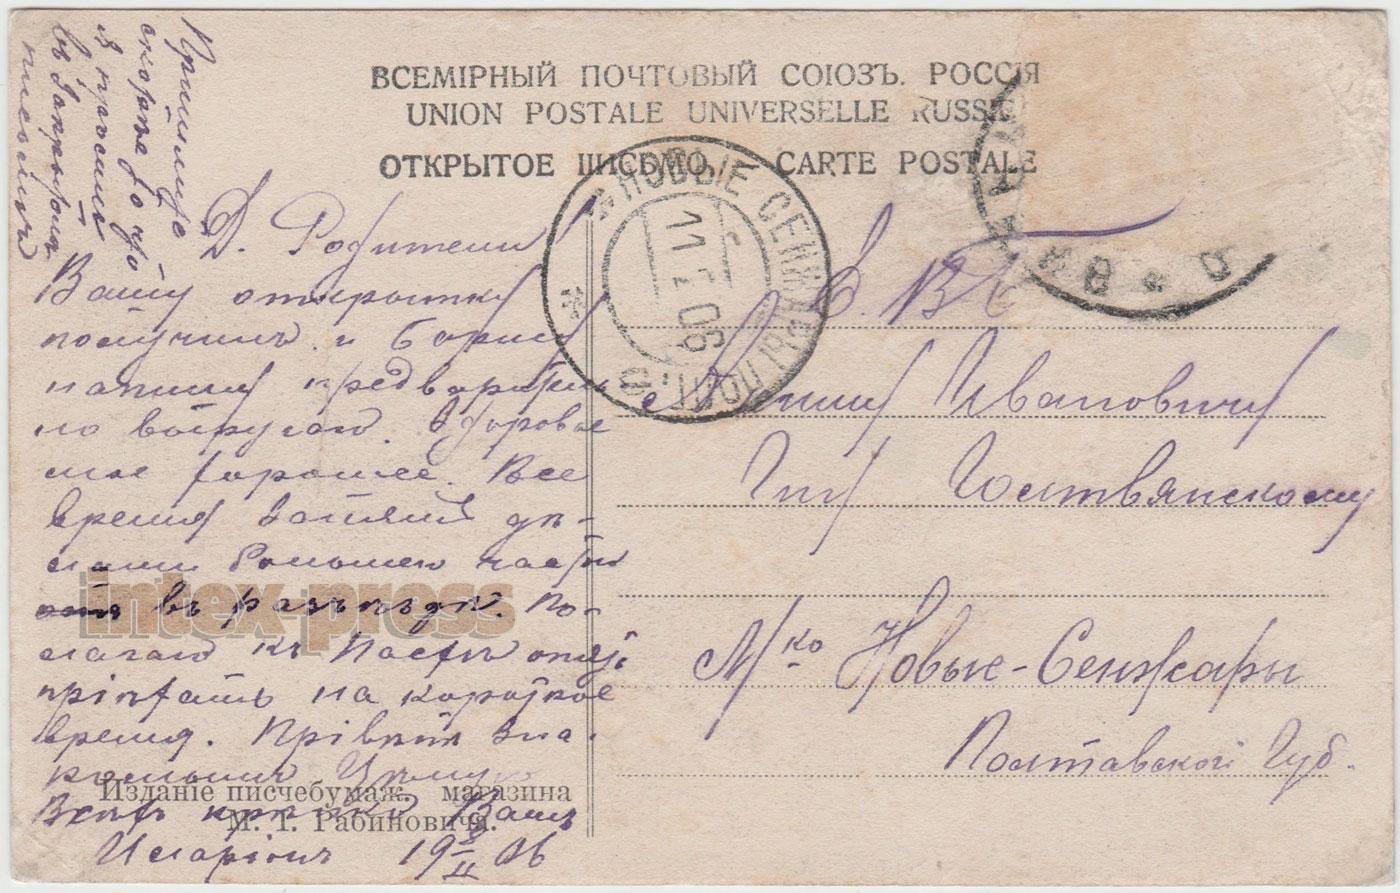 Почтовая карточка «Барановичи. Вокзалъ». Из коллекции Ромуальда ЖАБИКА